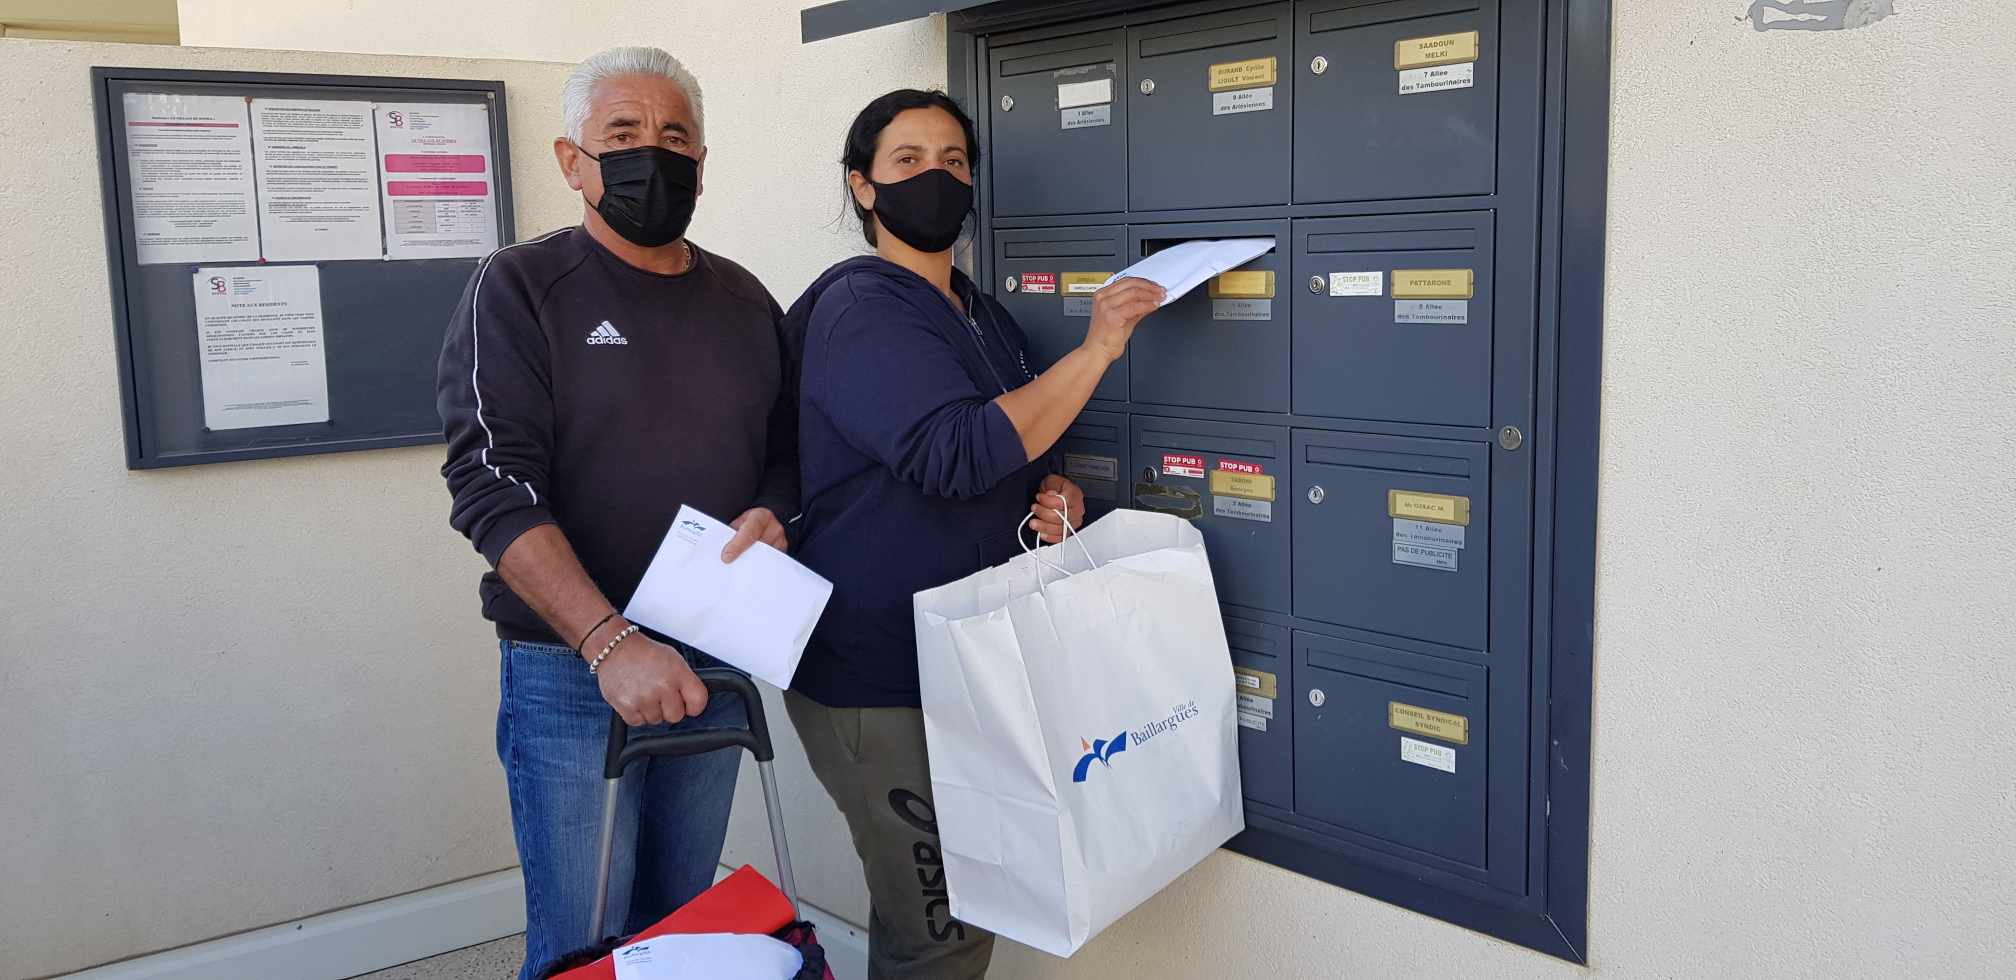 La distribution de masques par la Ville aux habitant.e.s est terminée